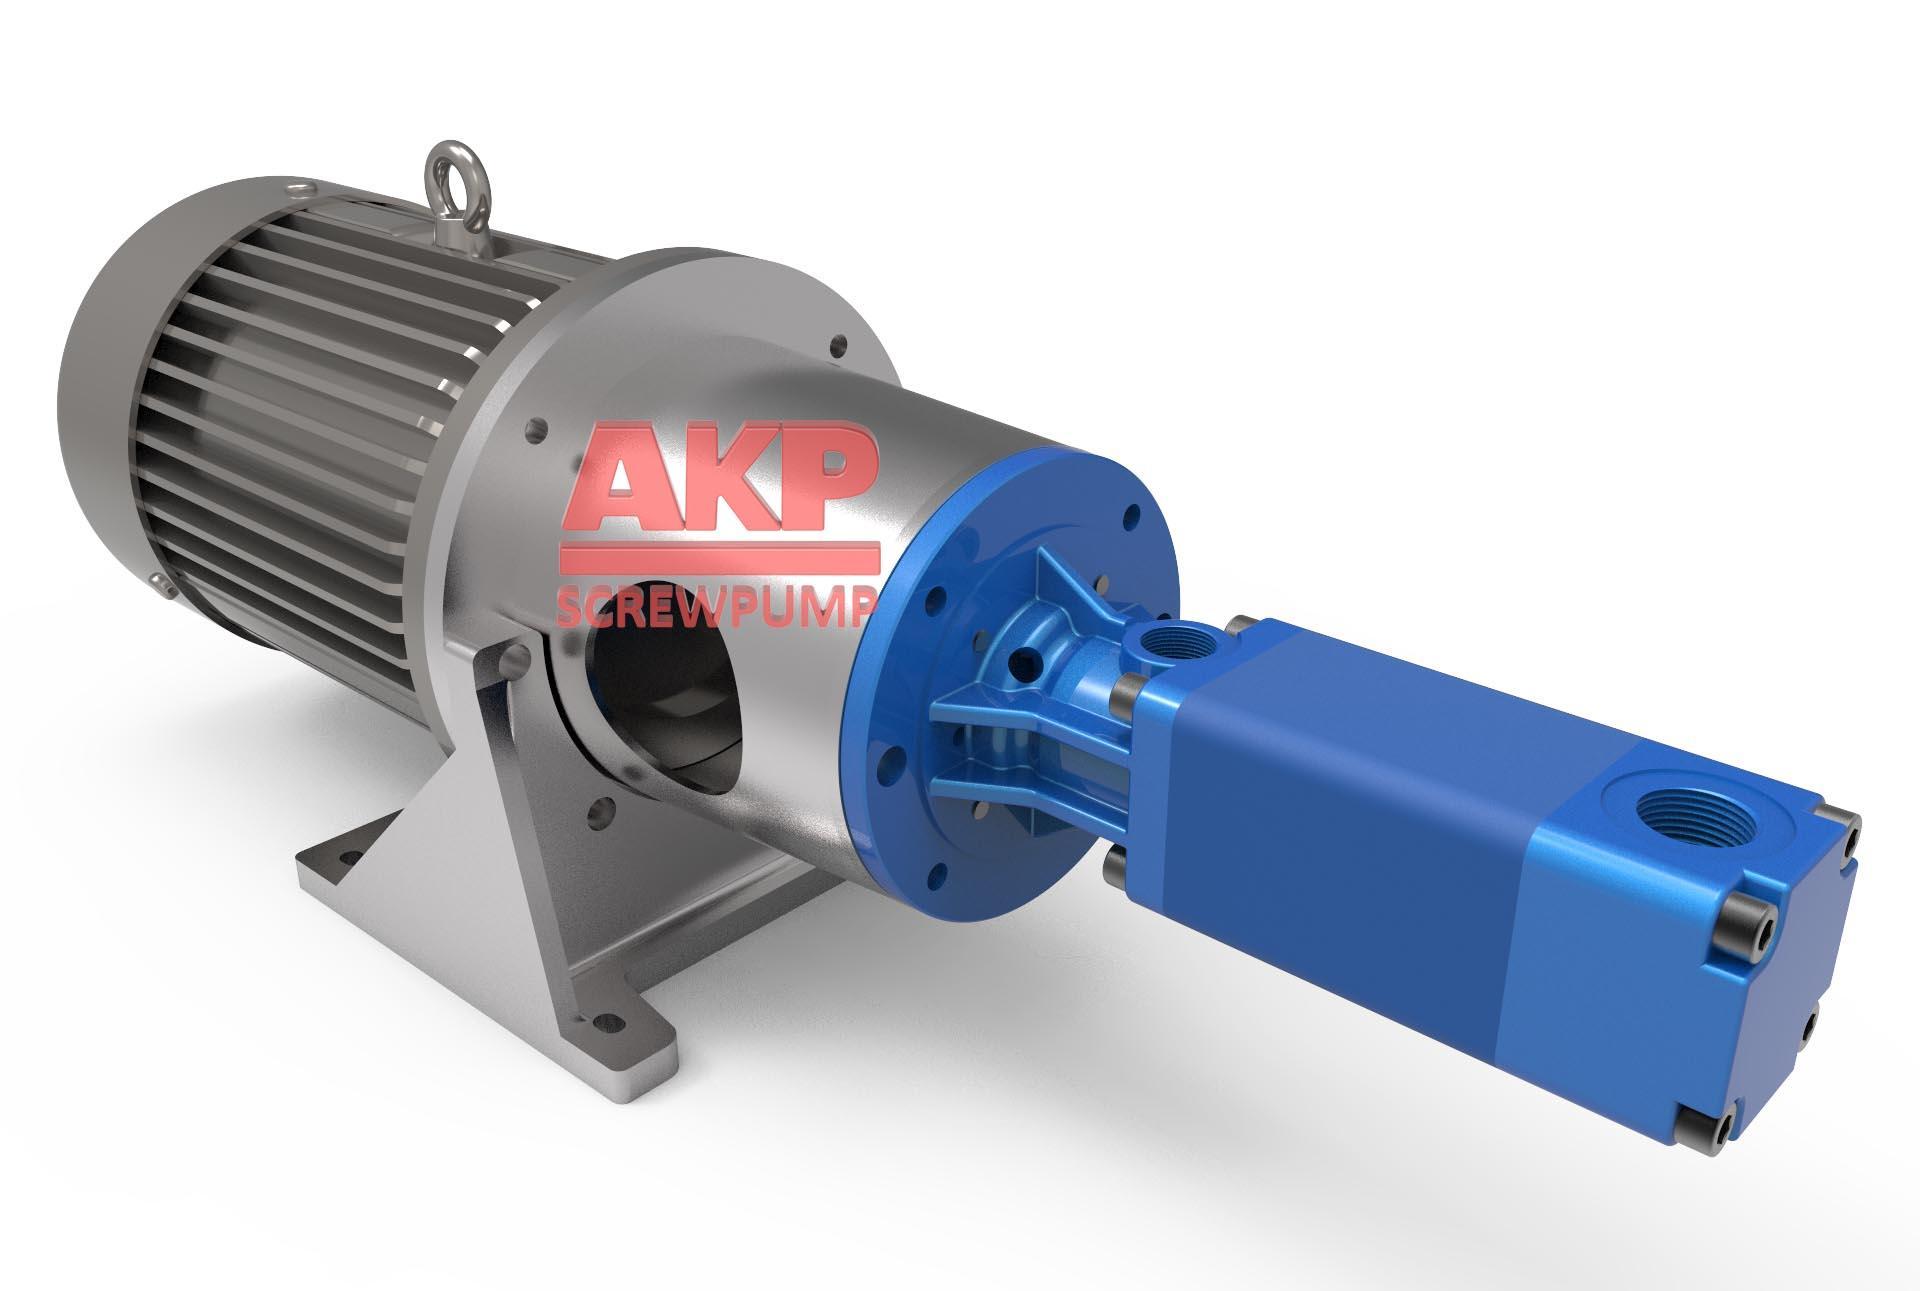 高压机床冷却泵ATS-25/50-T-G配套CNC加工中心 1